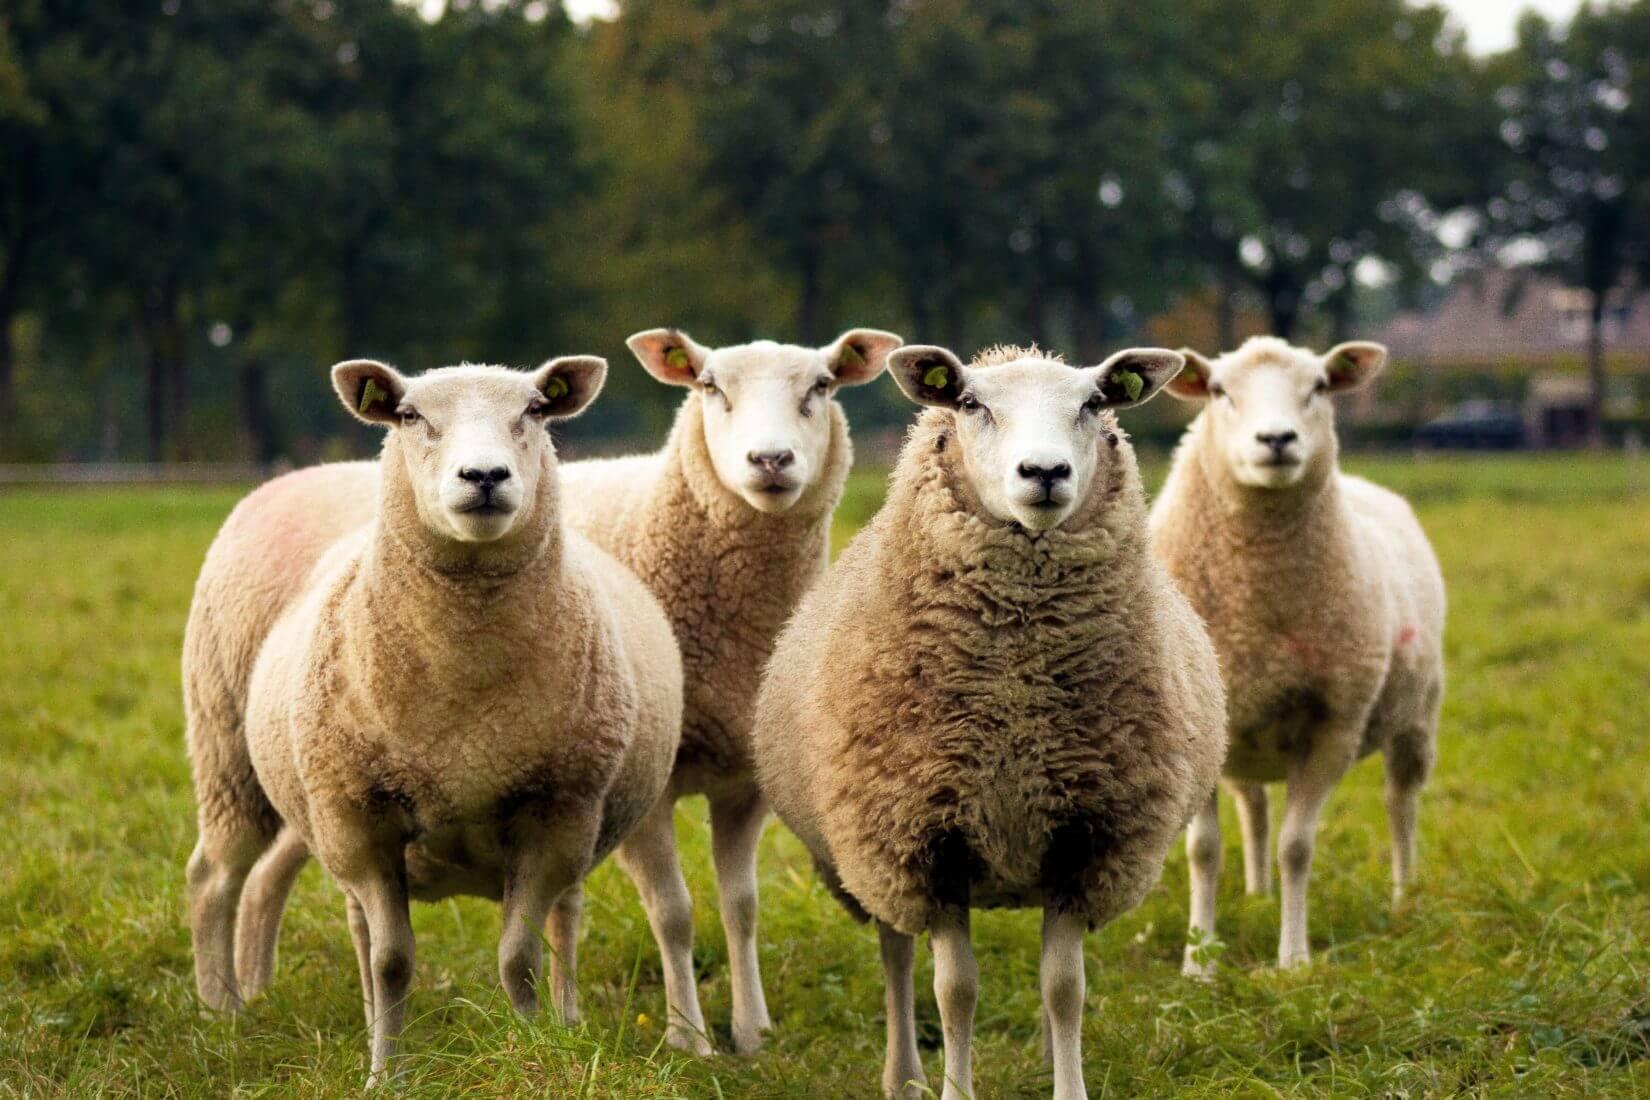 Viele sehr ähnliche Schafe auf einer Wiese